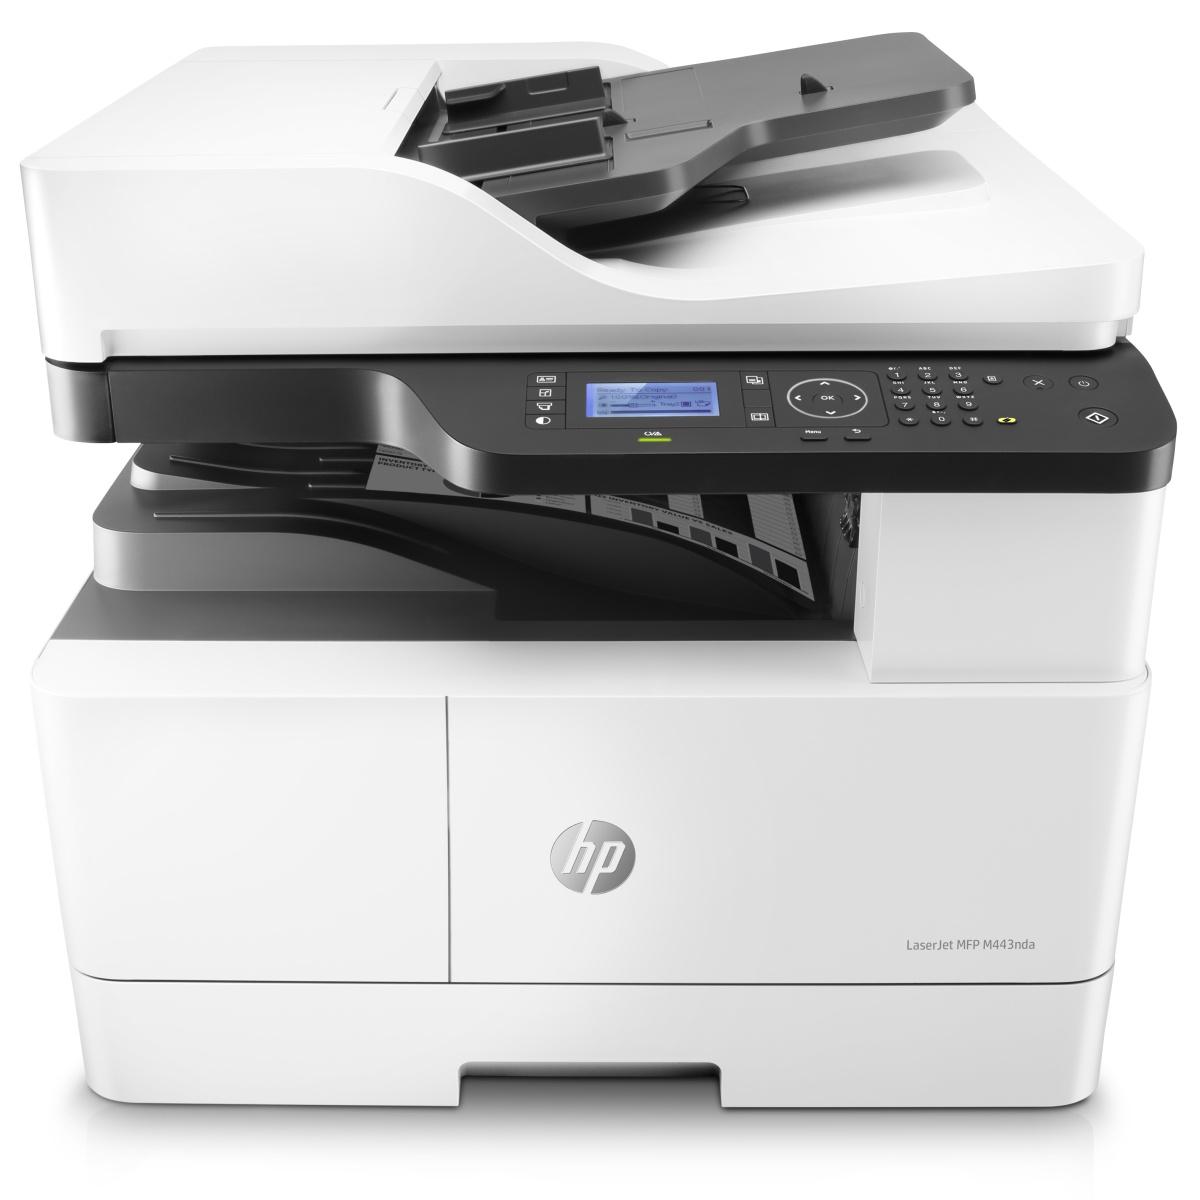 HP LaserJet MFP M443nda (8AF72A#B19)